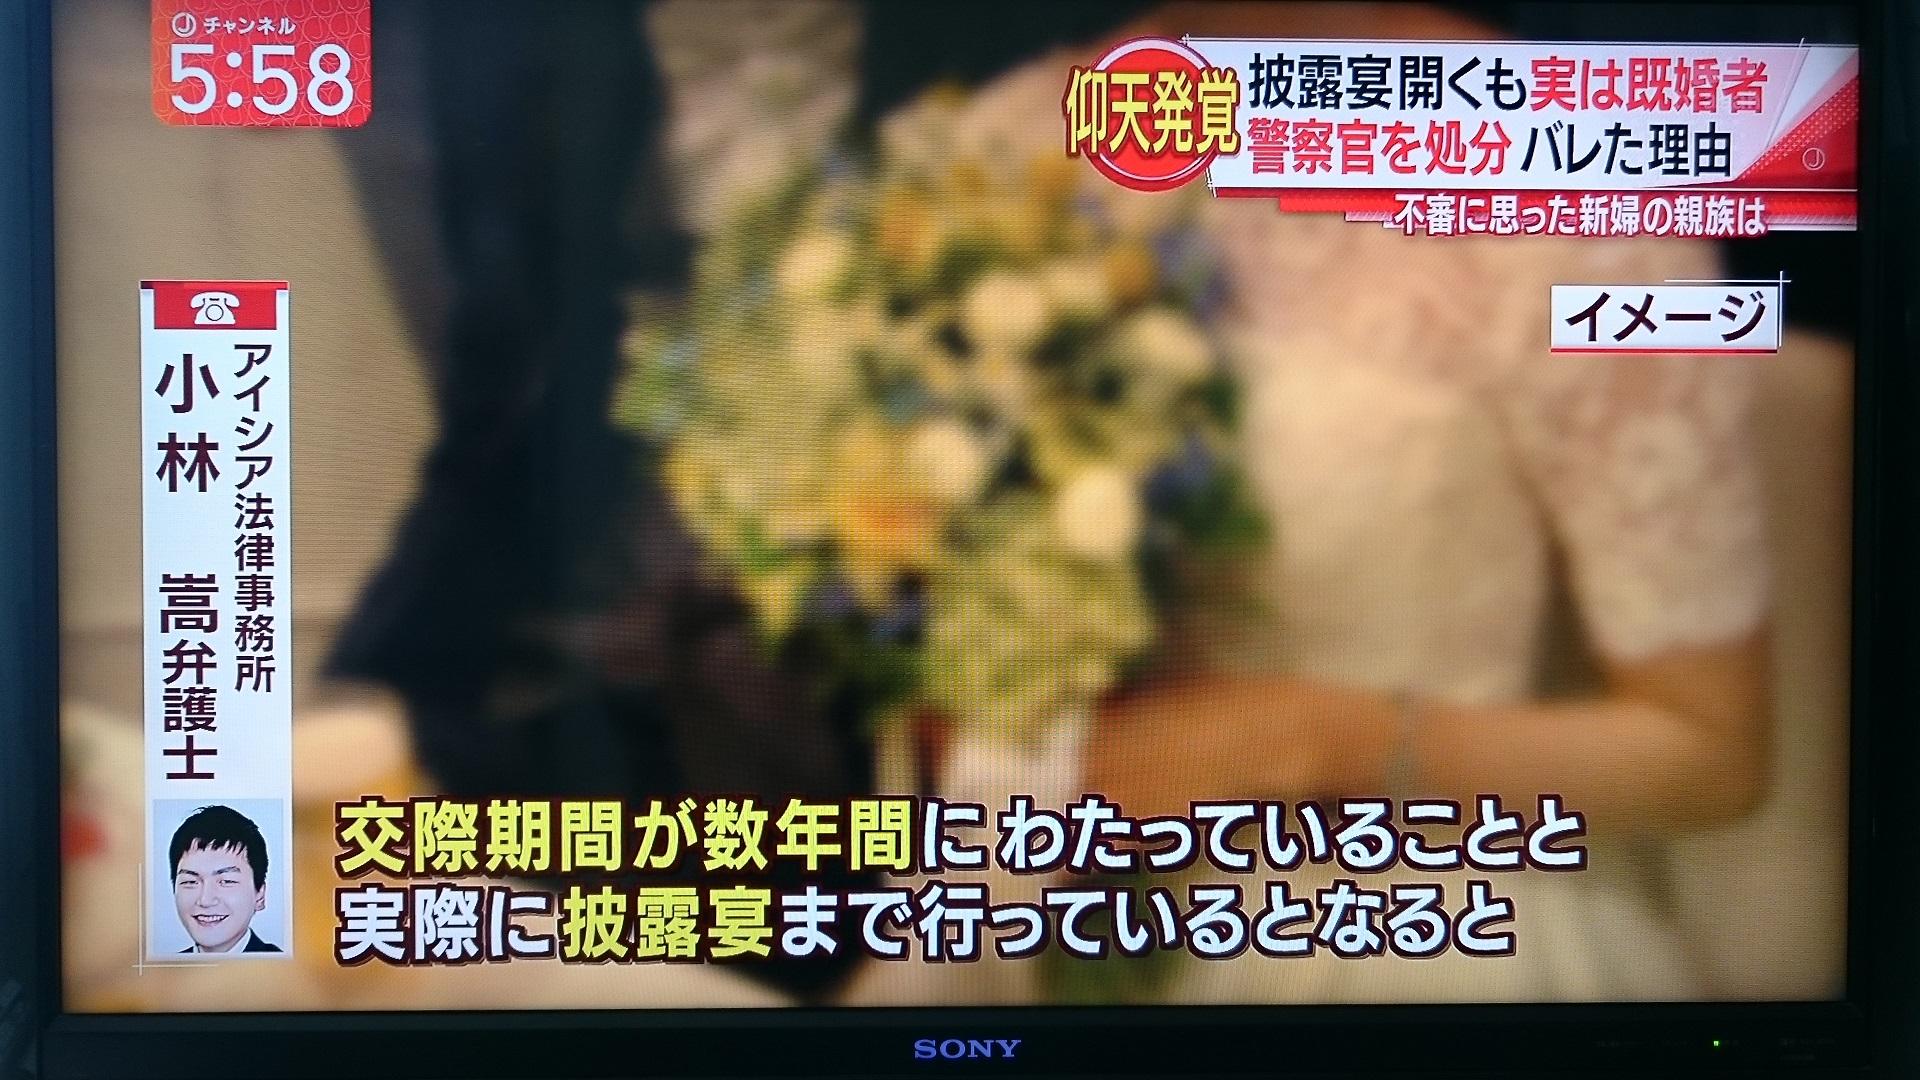 小林嵩弁護士が不倫・慰謝料トラブルについて「スーパーJチャンネル」に出演しました